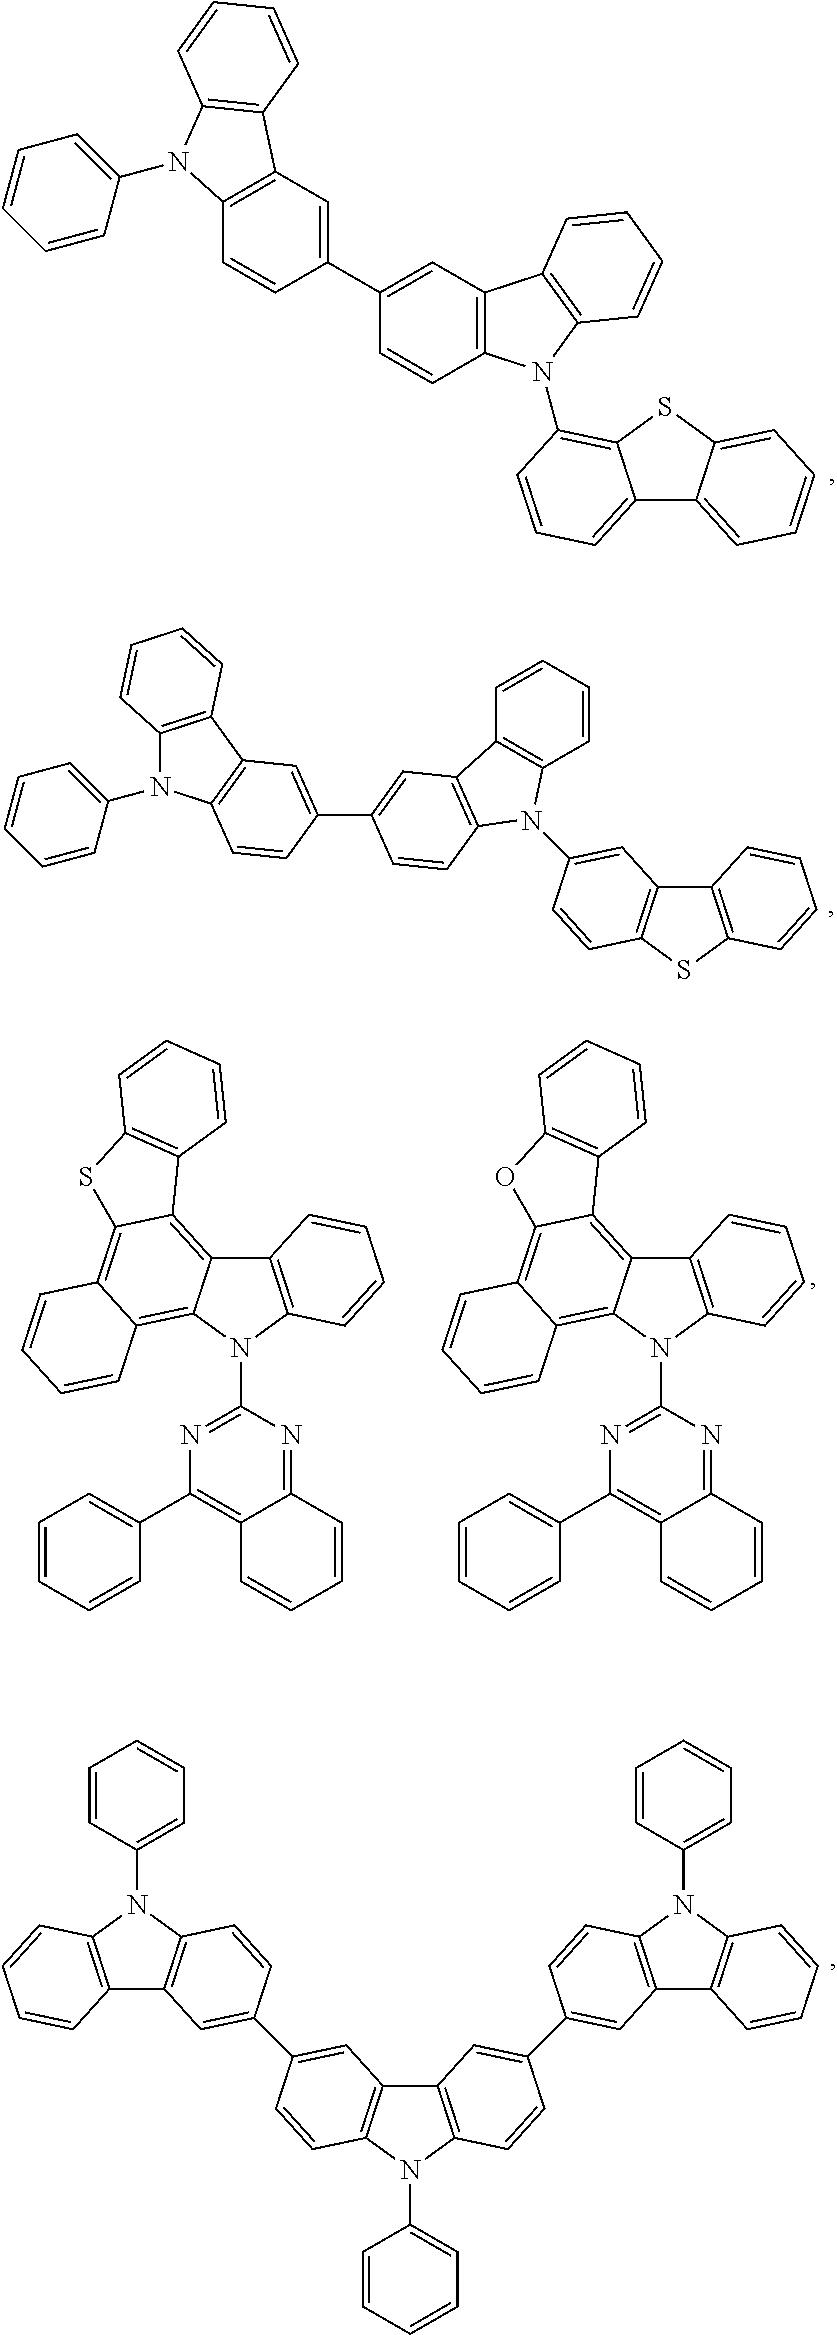 Figure US09871214-20180116-C00061